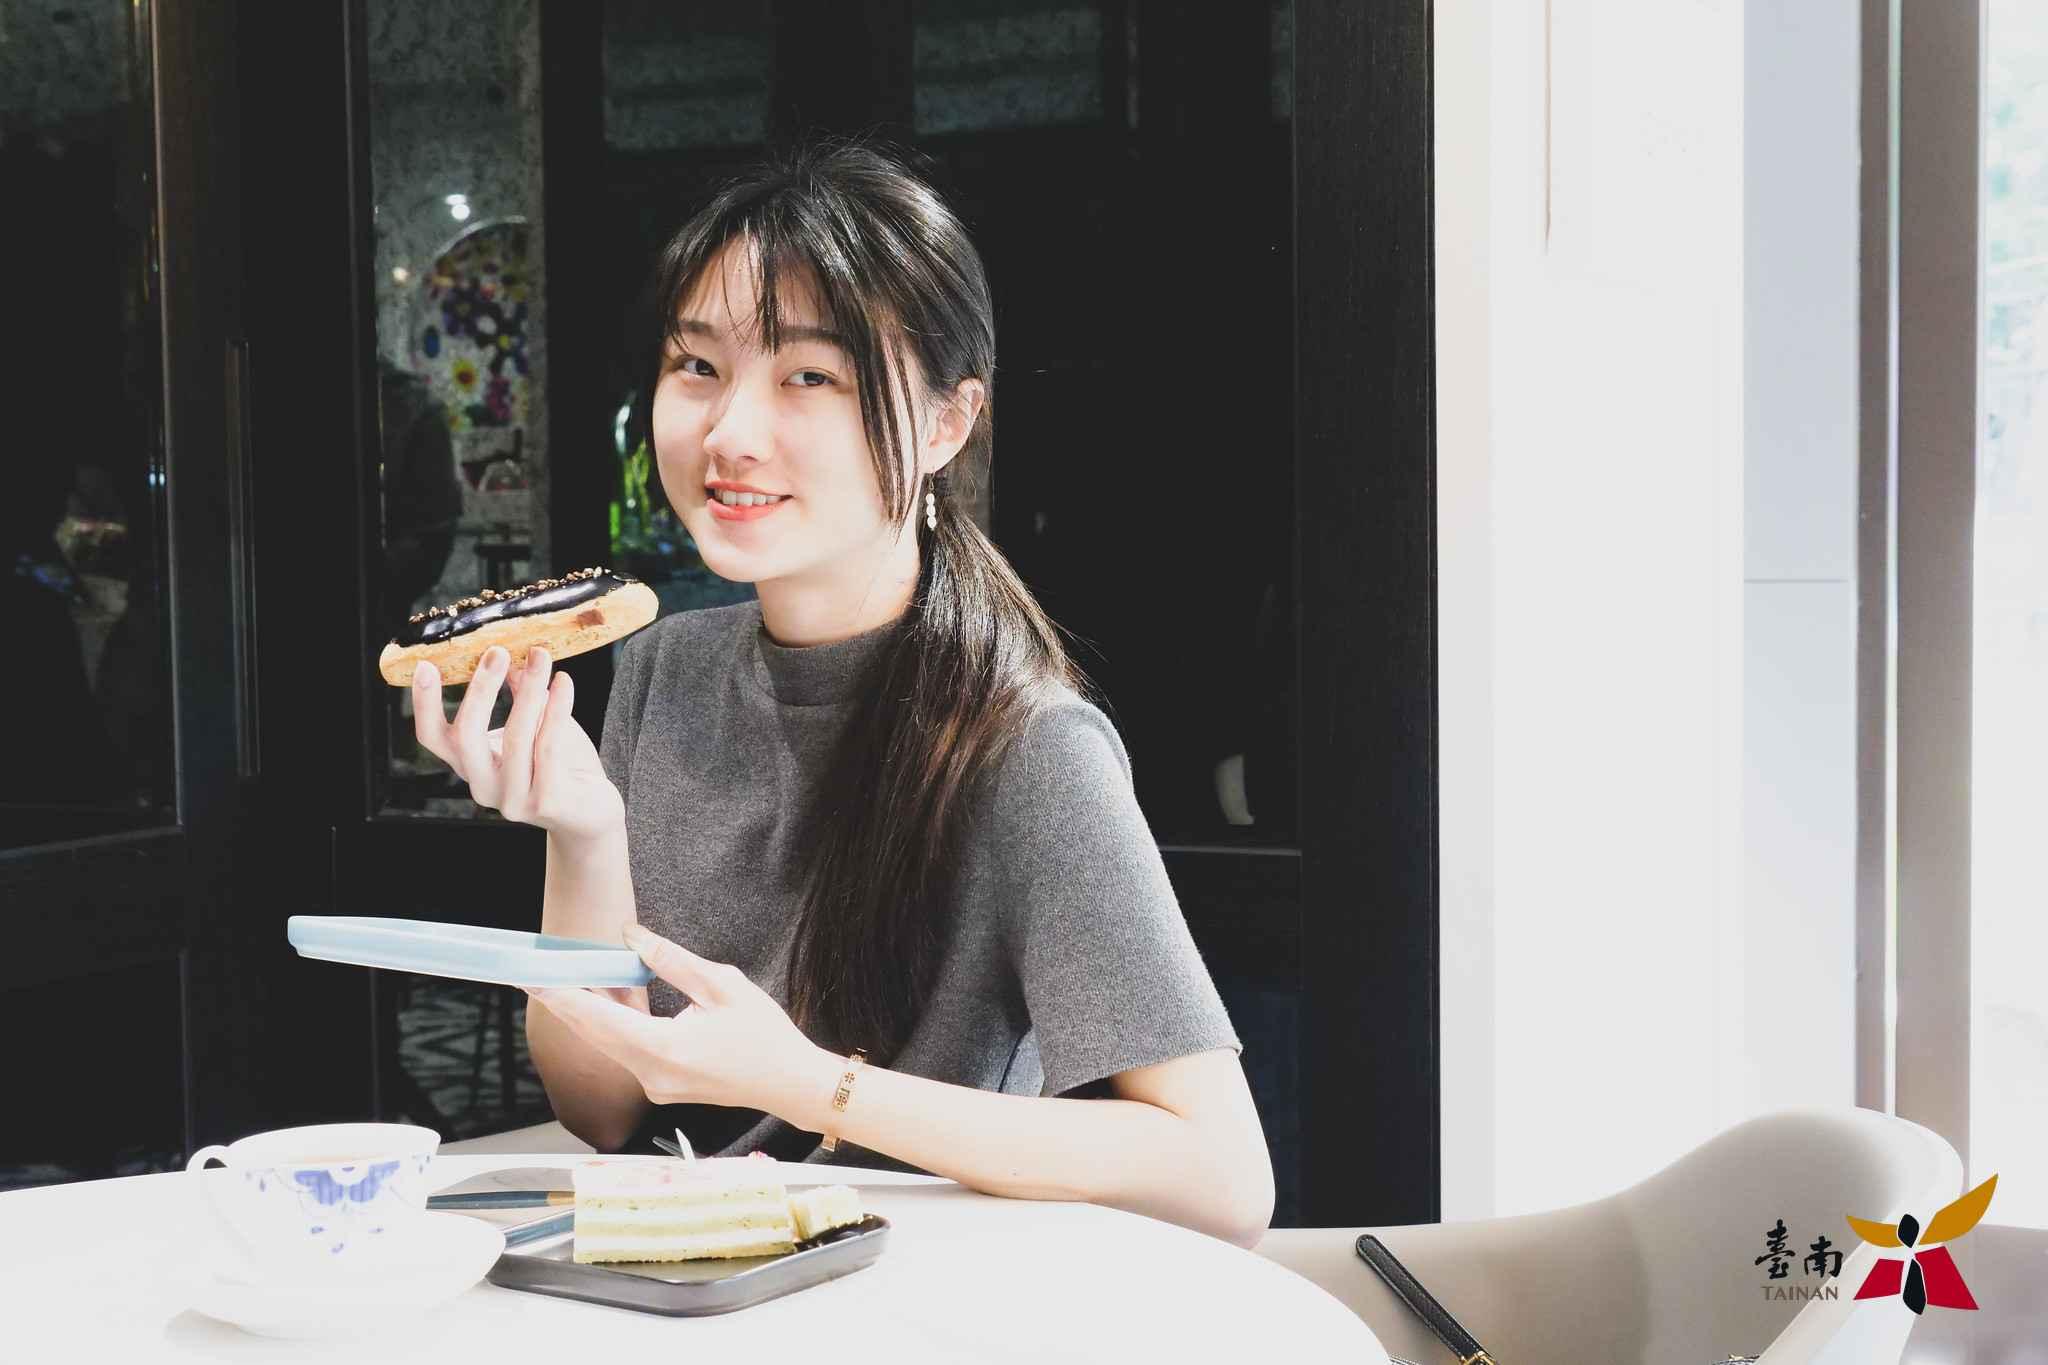 台南法式甜點 - Mytainan - 07